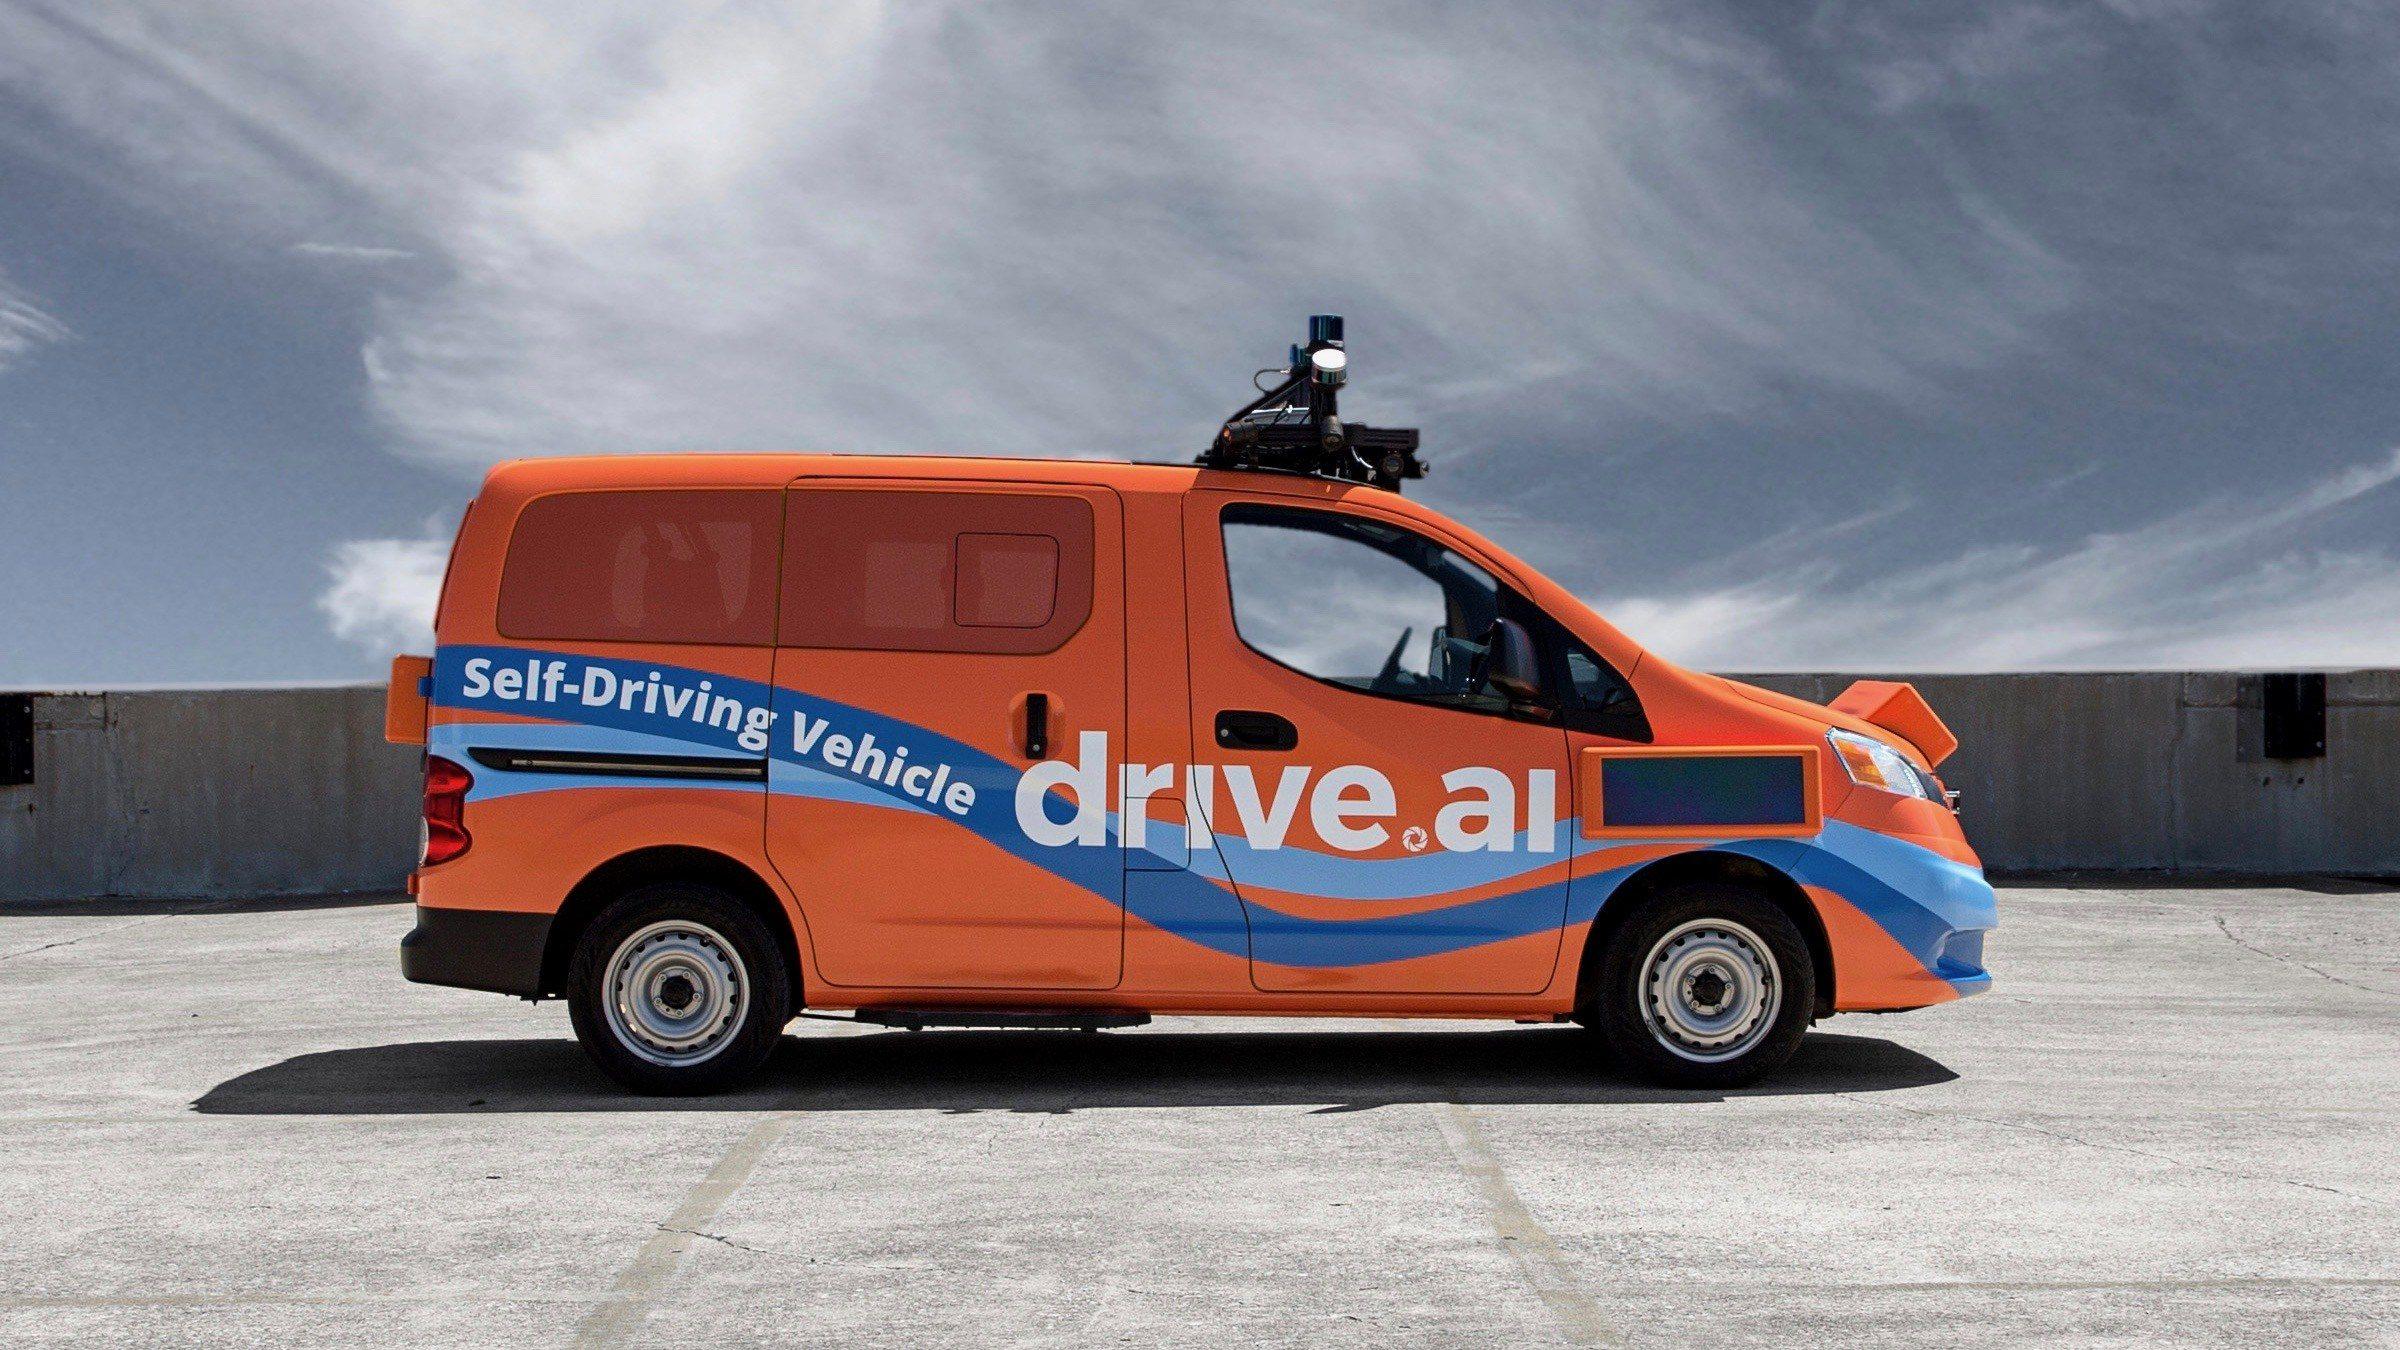 苹果证实收购自动驾驶汽车初创公司Drive.ai